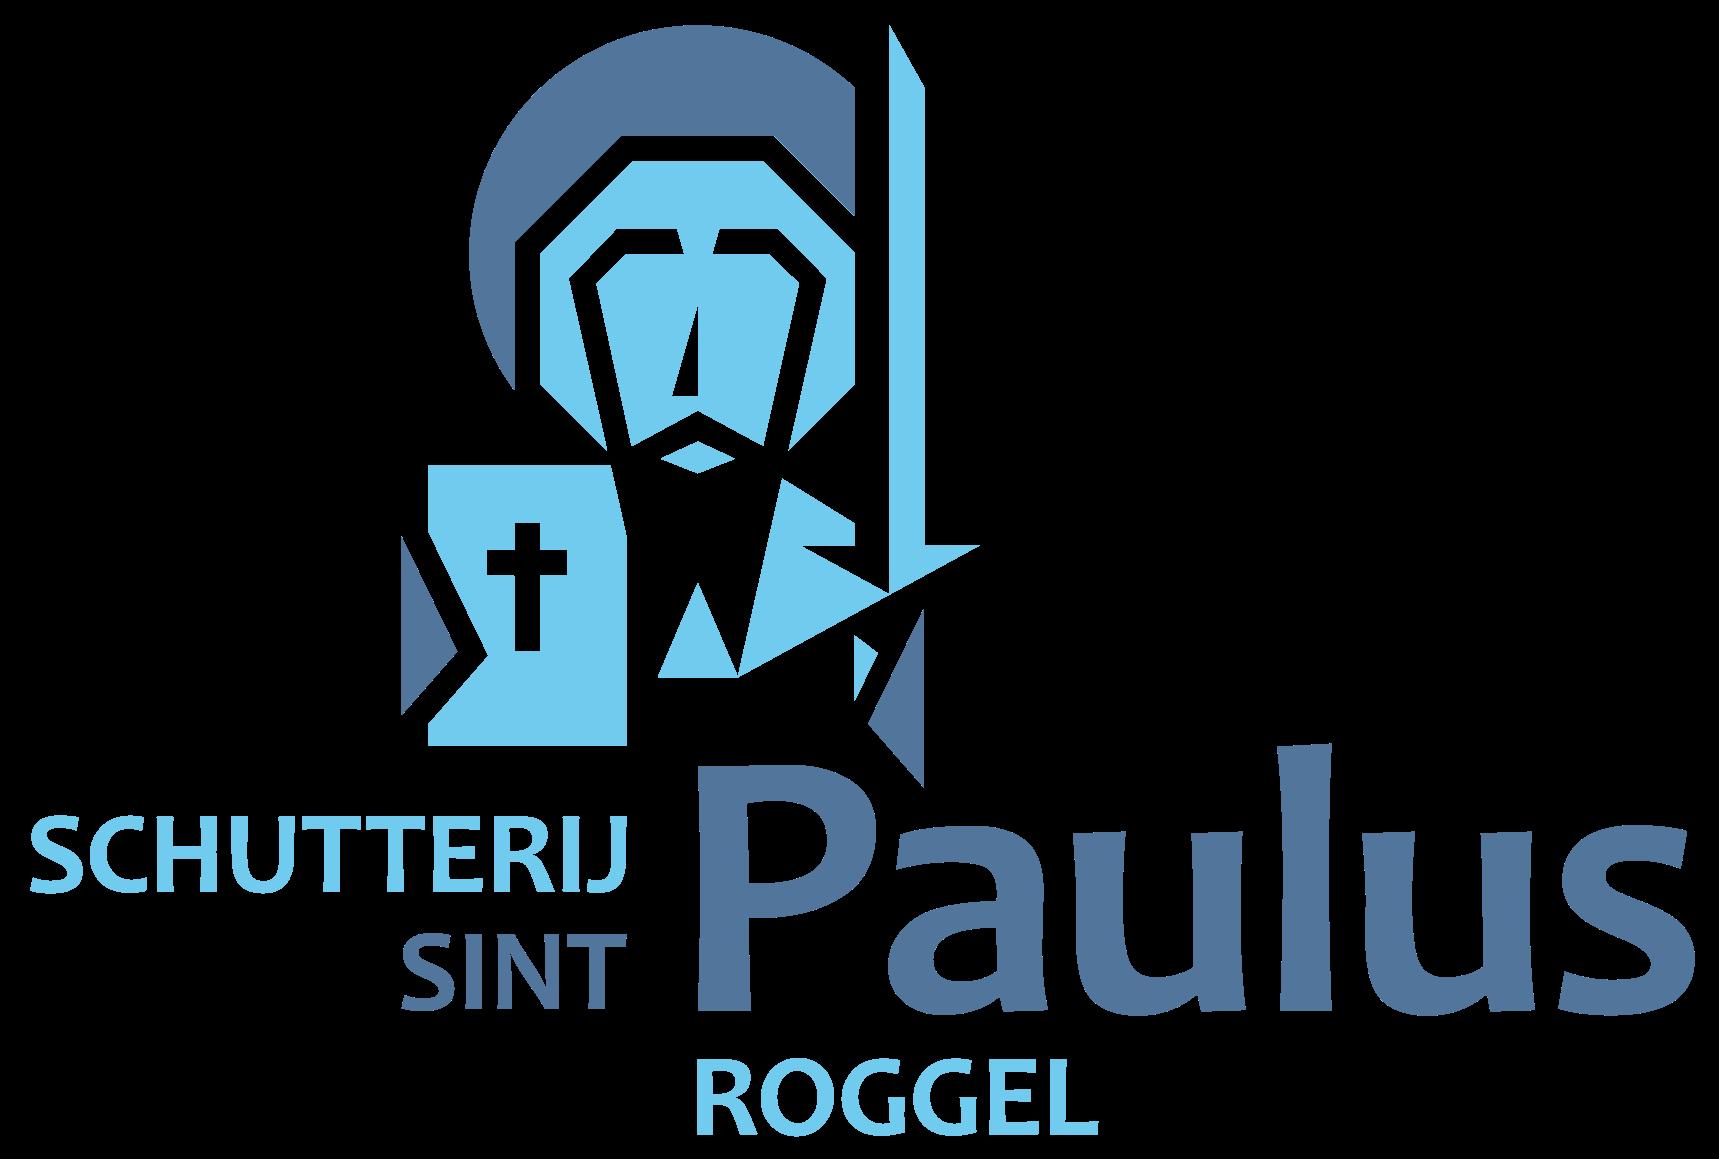 StPaulus_Roggel---logo